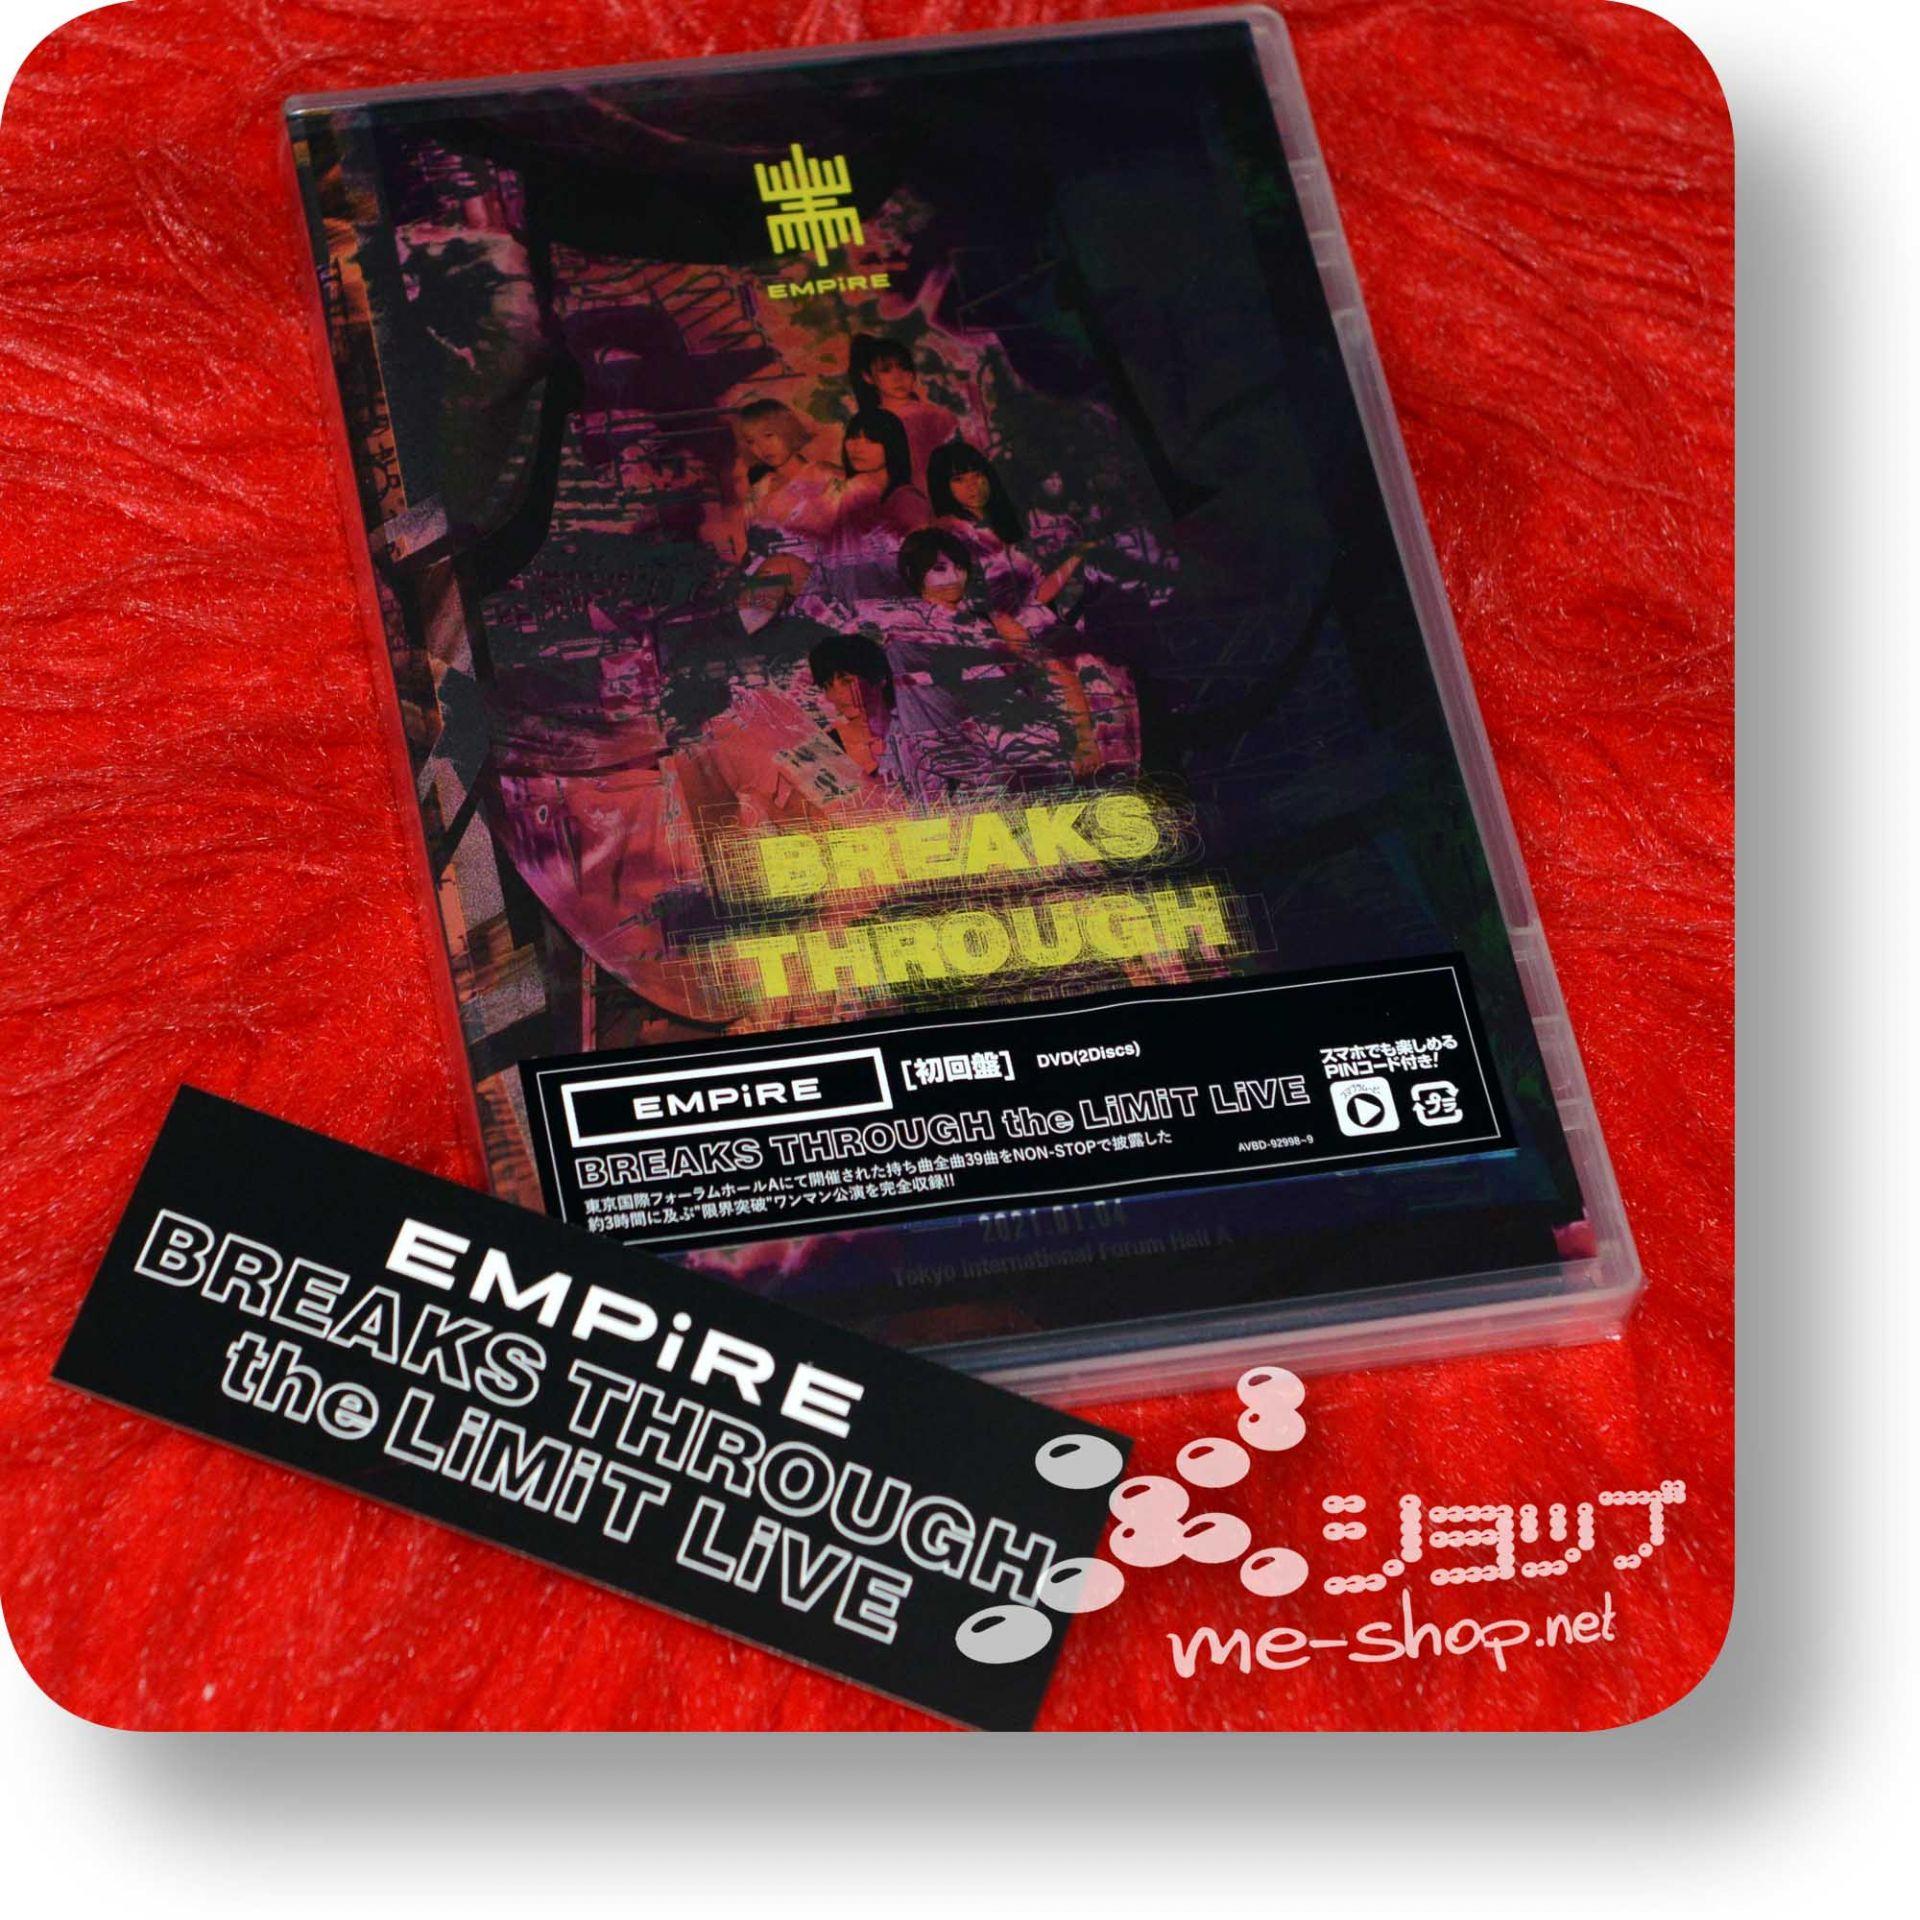 empire breaks through dvd lim+bonus